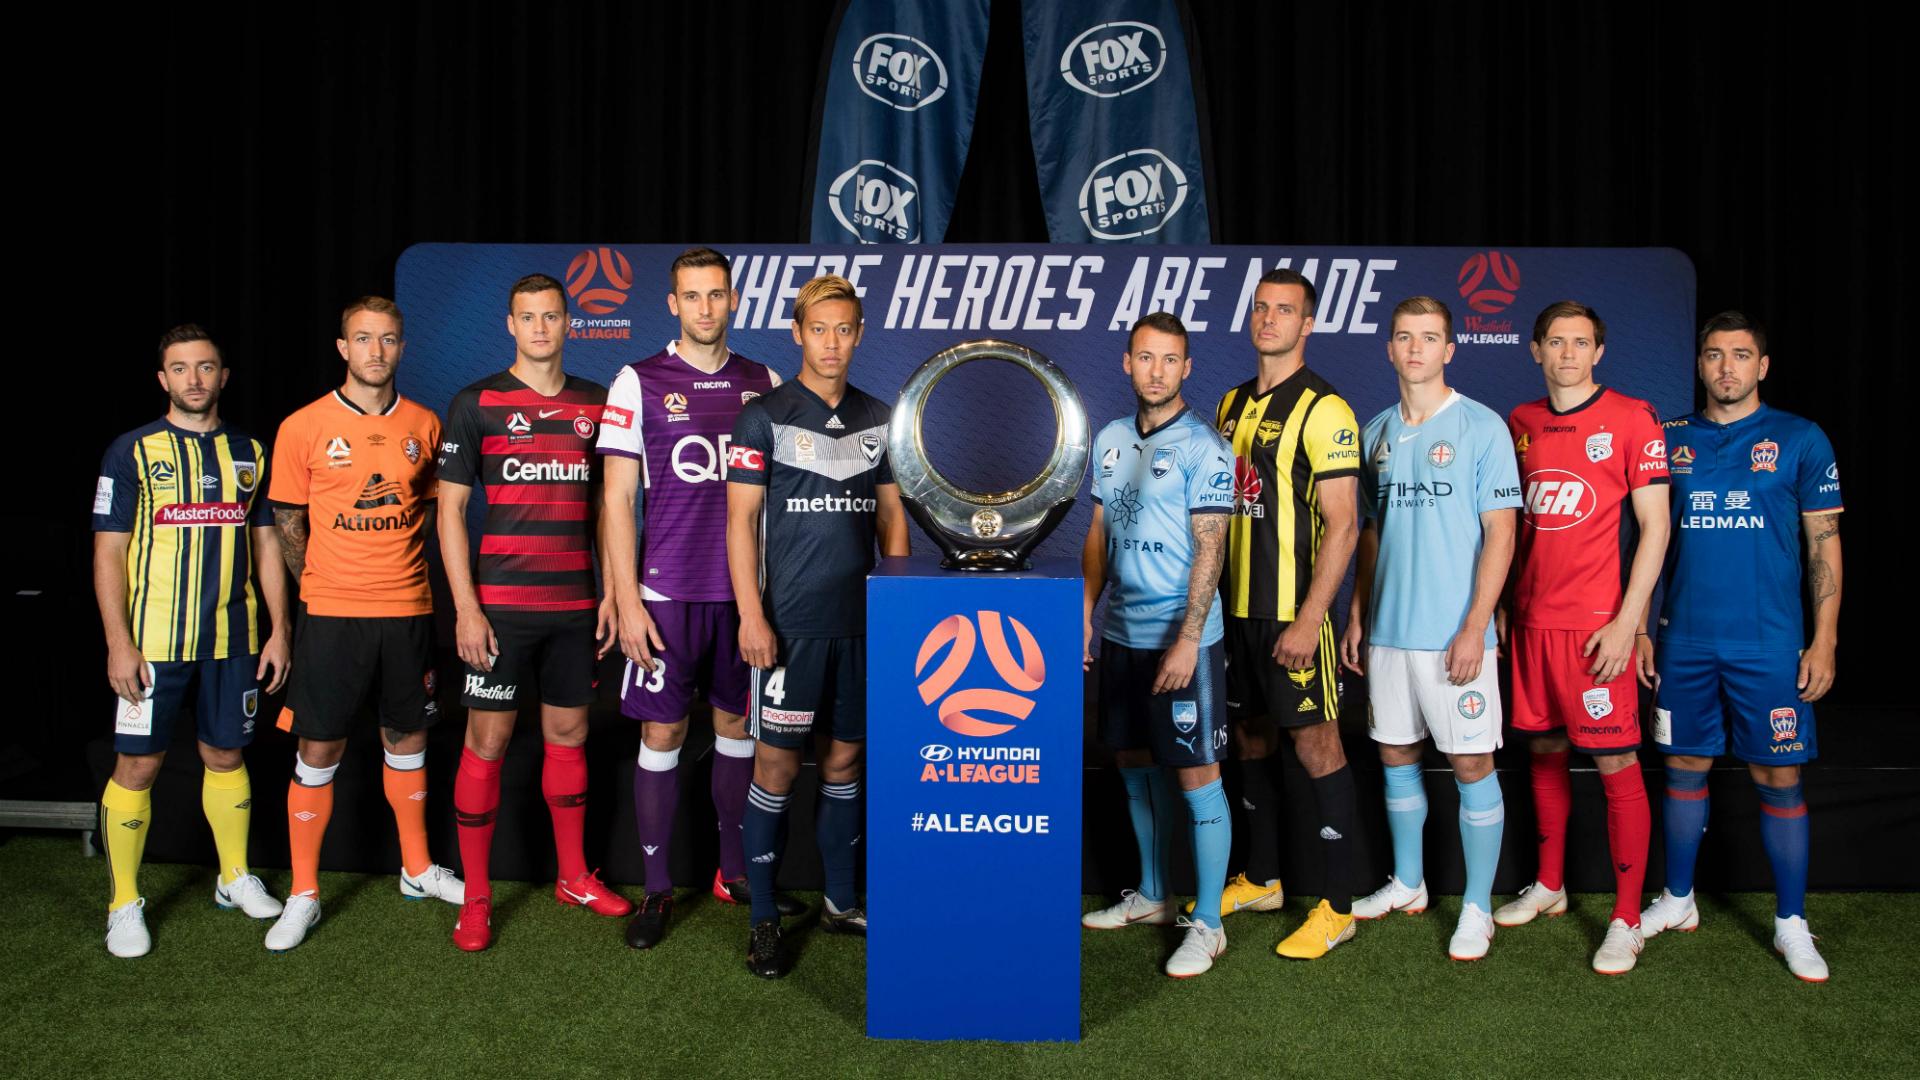 A-League 2018/19